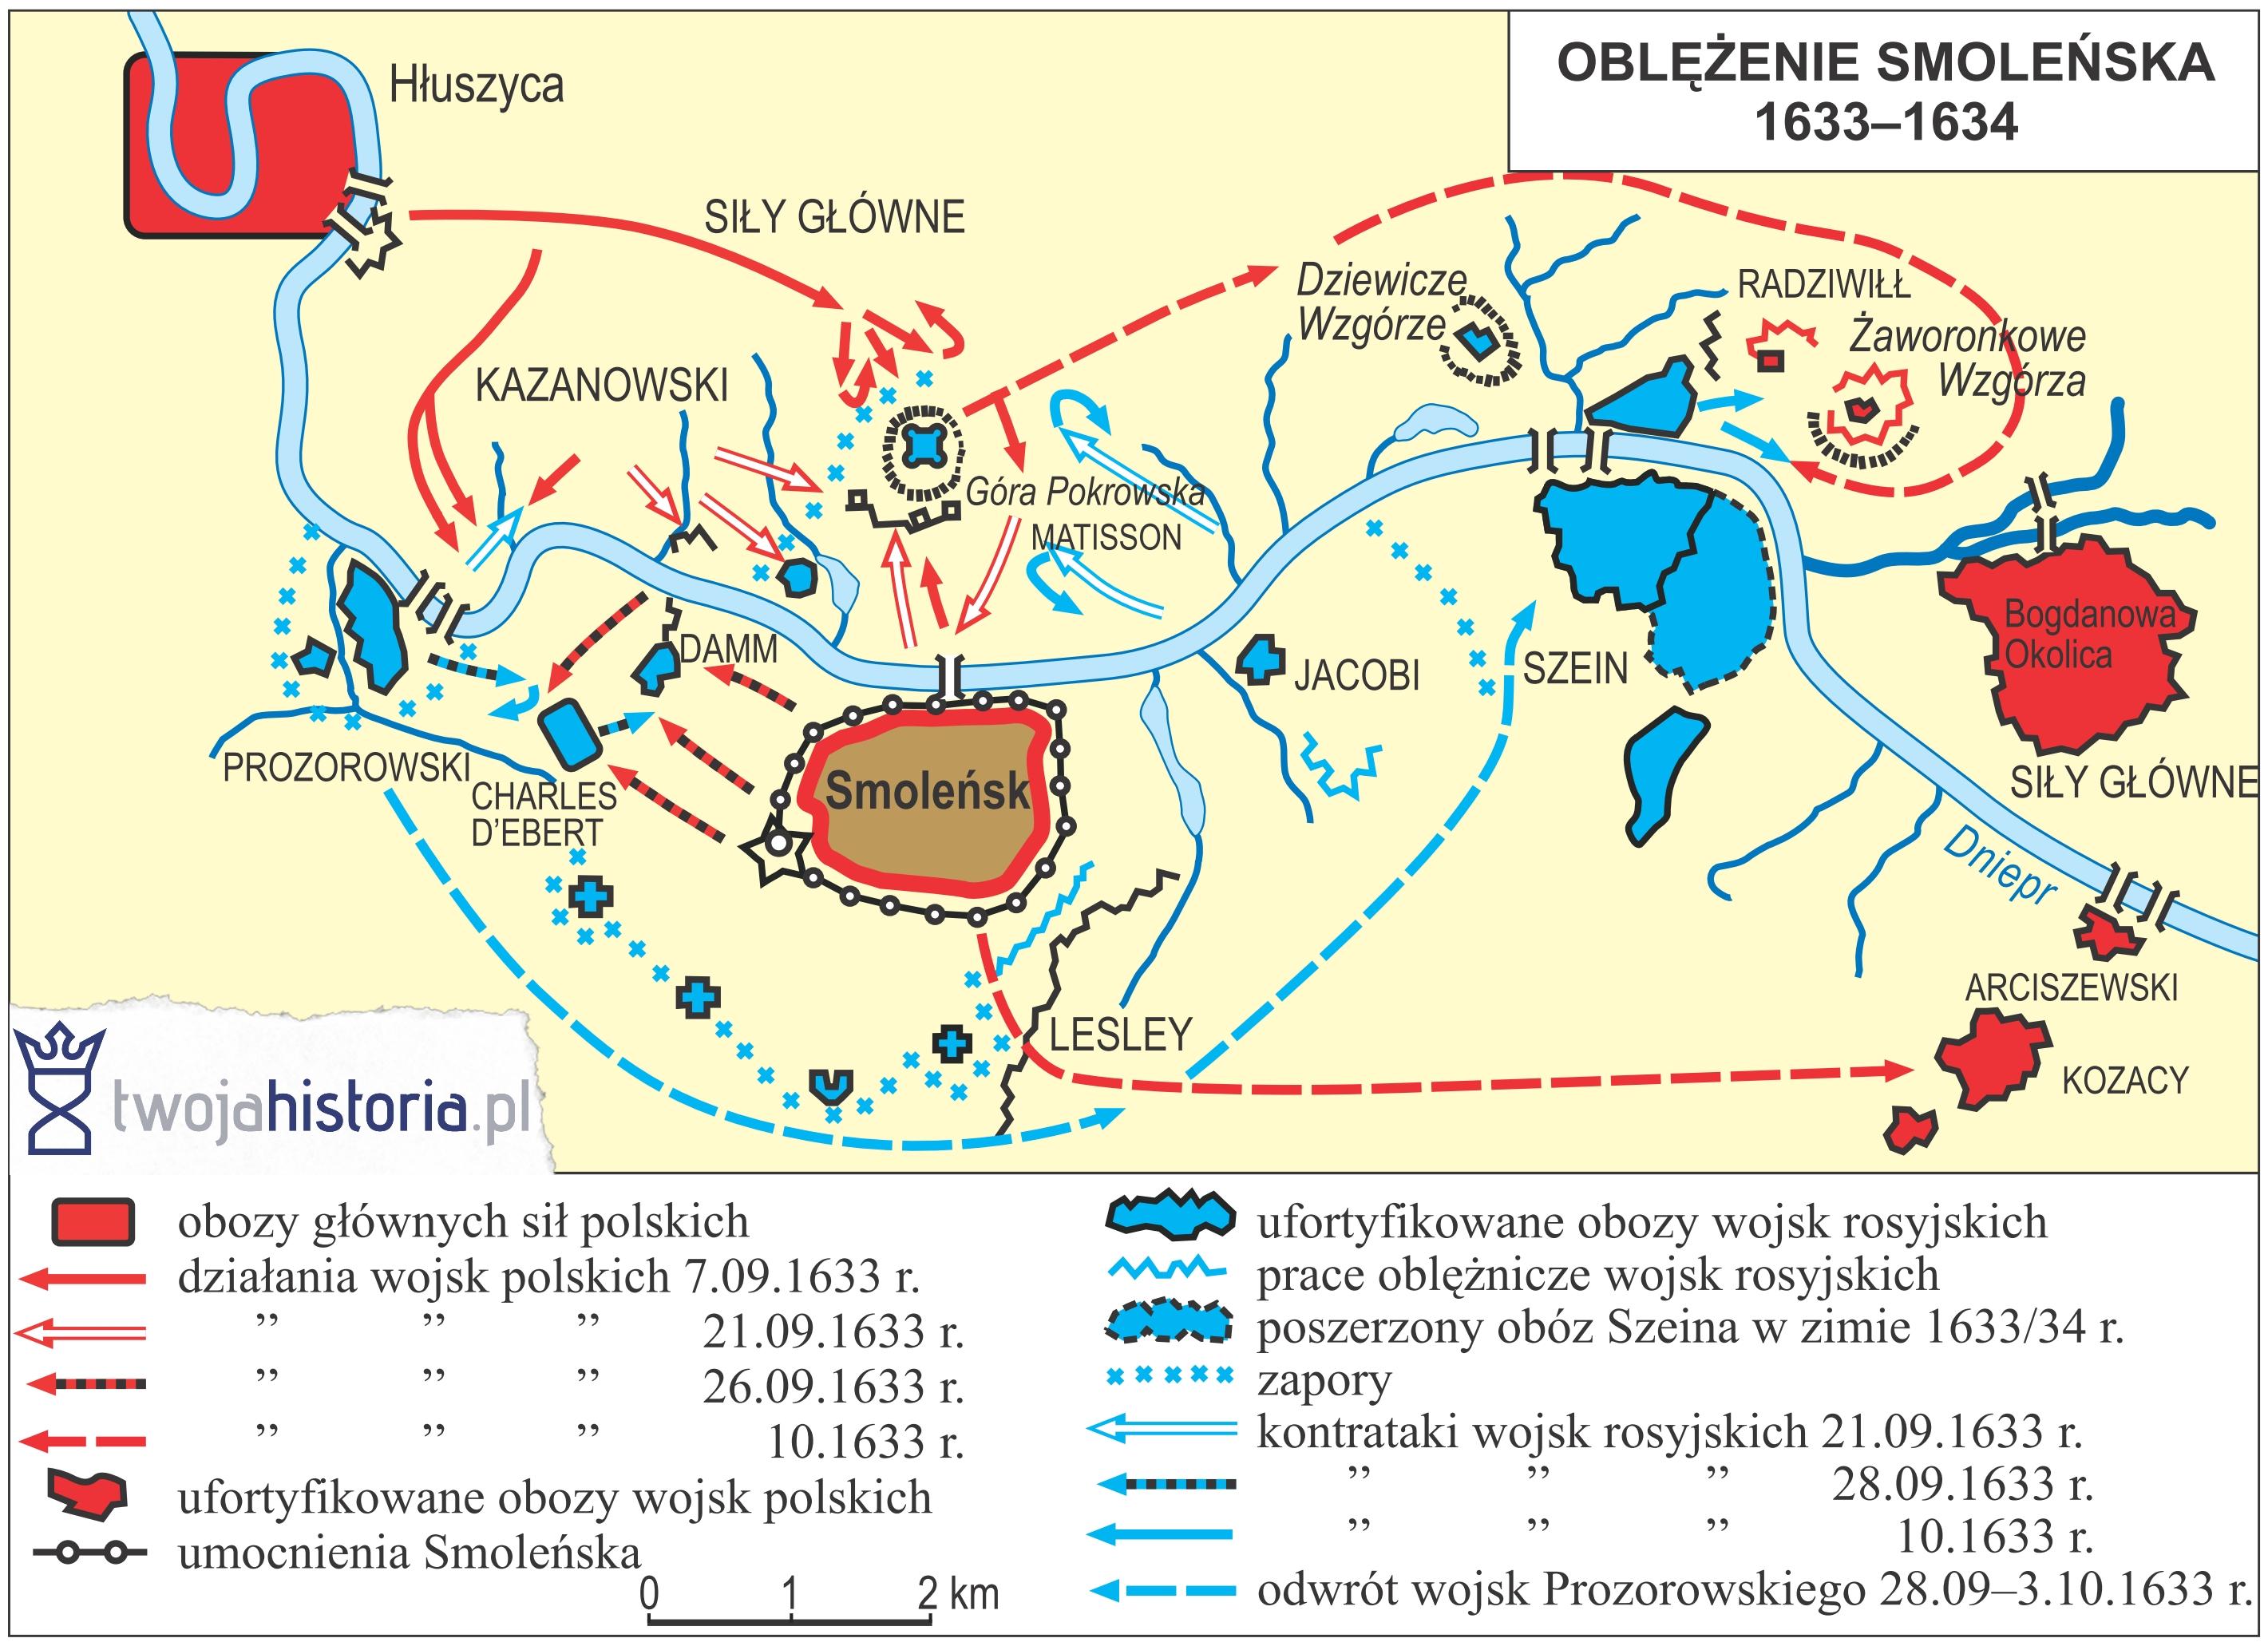 Oblężenie Smoleńska (18 października 1632 - 7 stycznia 1634